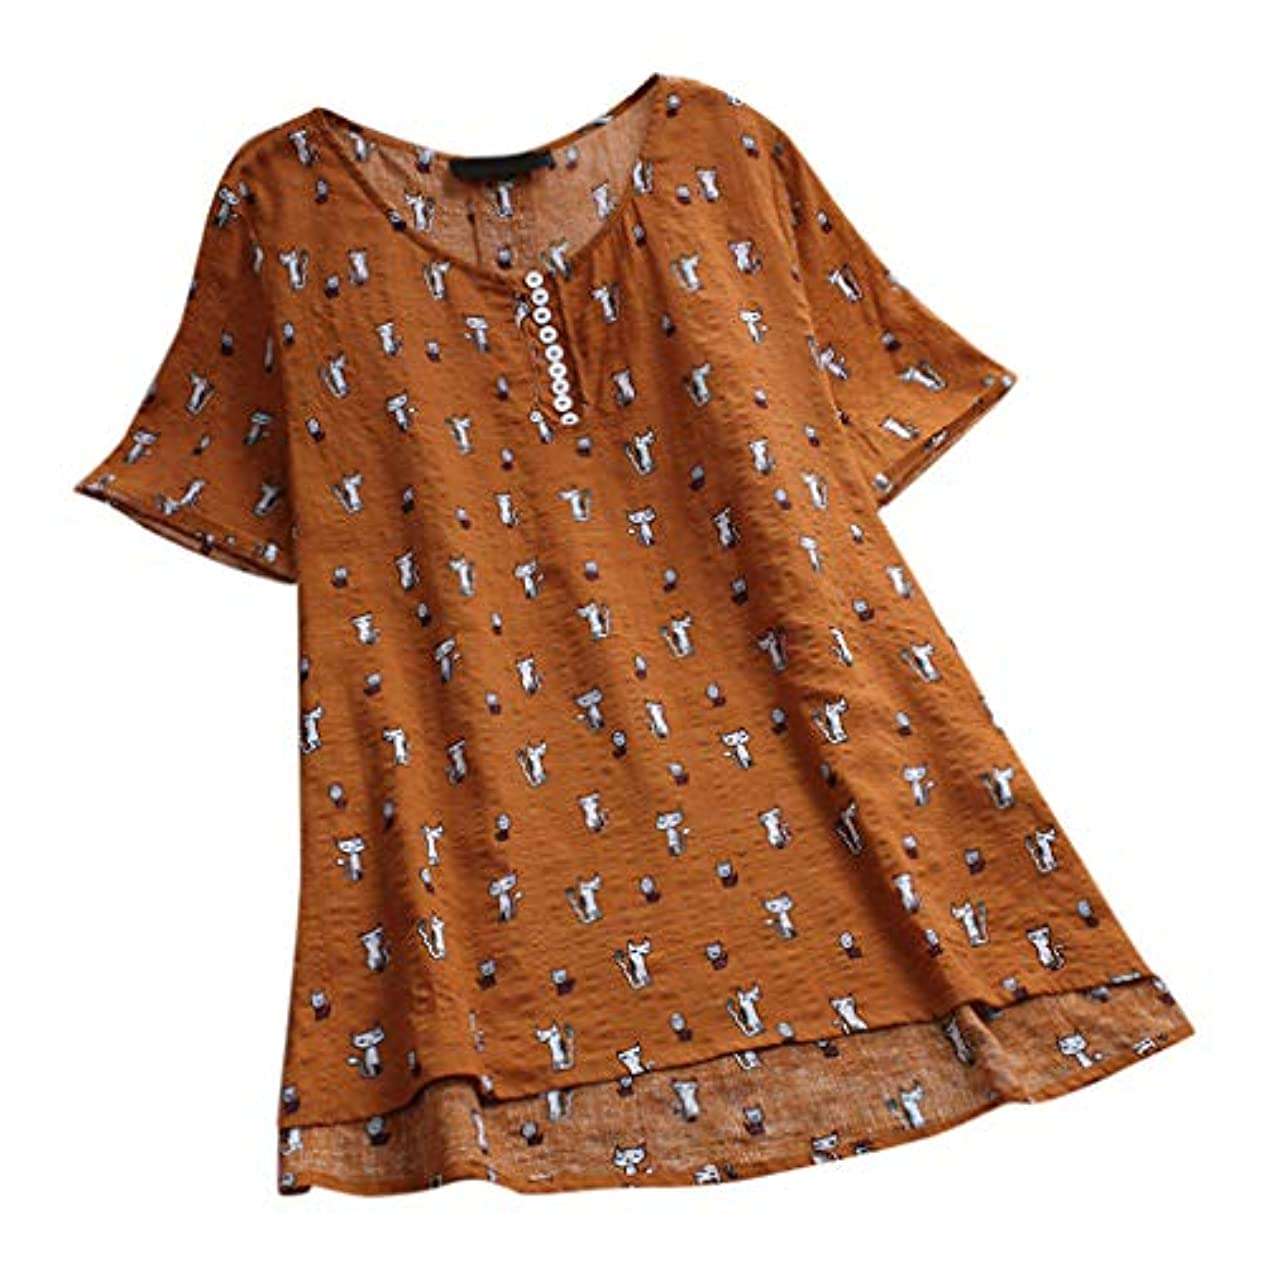 平凡反抗上下するレディース tシャツ プラスサイズ 半袖 丸首 猫プリント ボタン ビンテージ チュニック トップス 短いドレス ブラウス 人気 夏服 快適な 軽い 柔らかい かっこいい ワイシャツ カジュアル シンプル オシャレ 春夏秋 対応